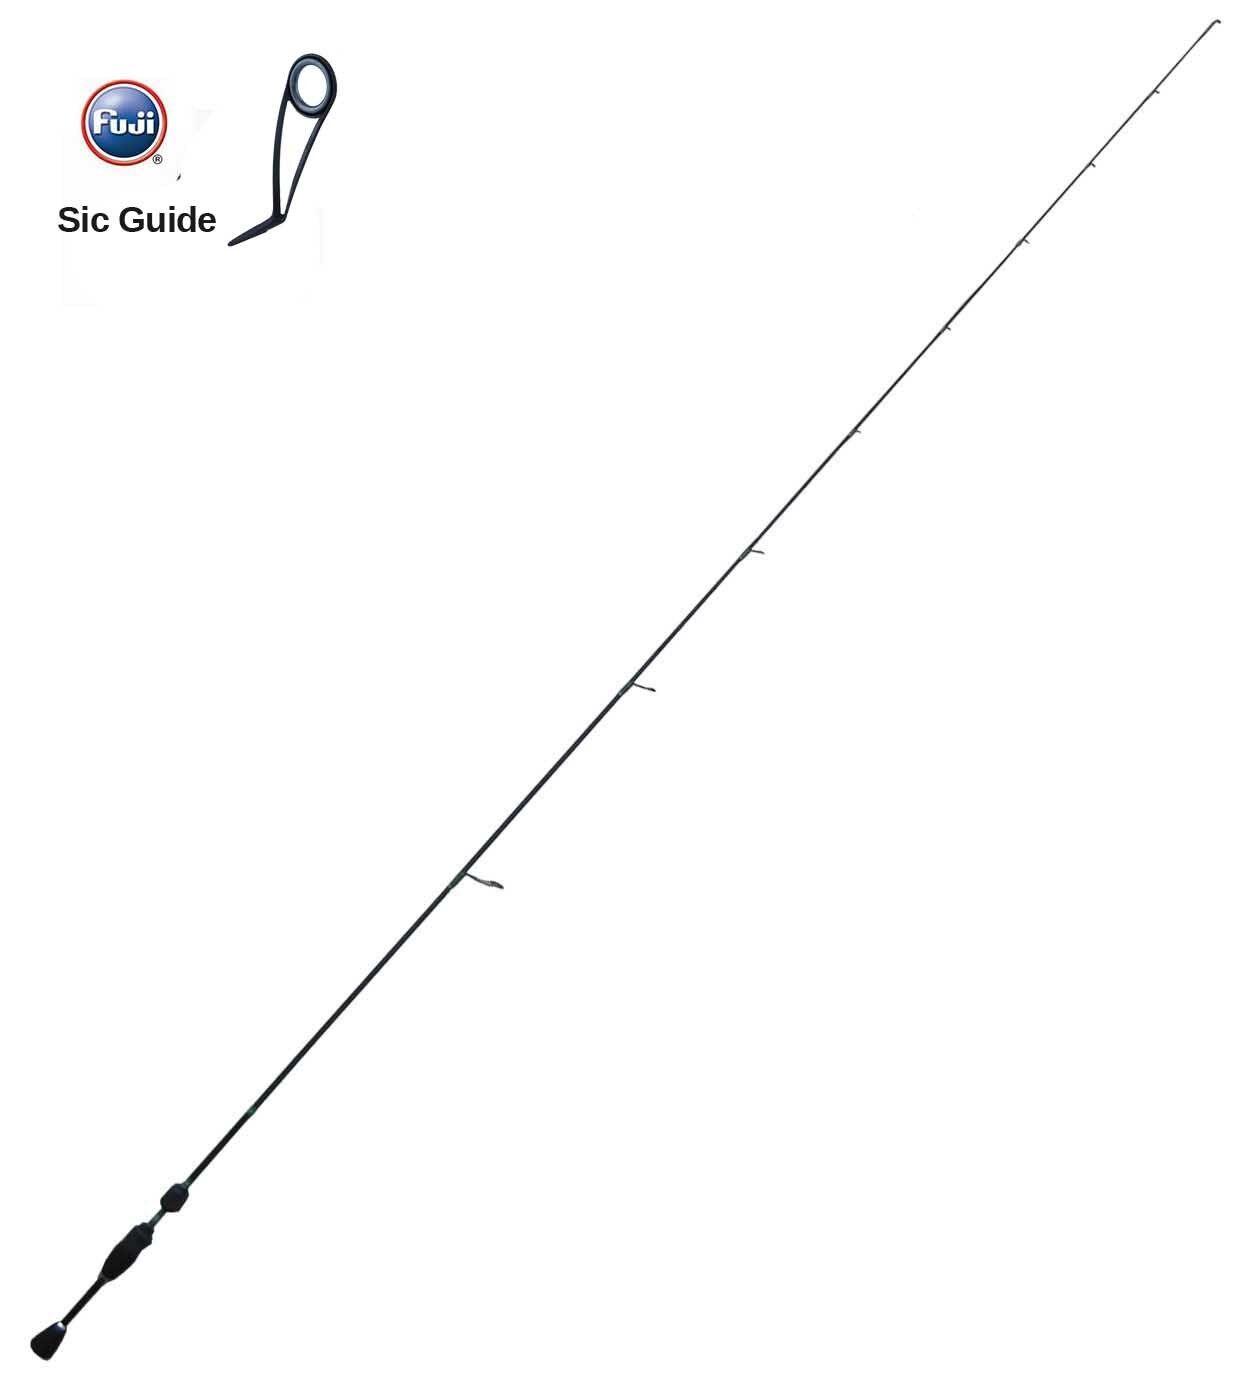 JP-1-66UL de Rod de la trucha de la zona Pesca Top Edad Clase 66 UL Japn Fuji G